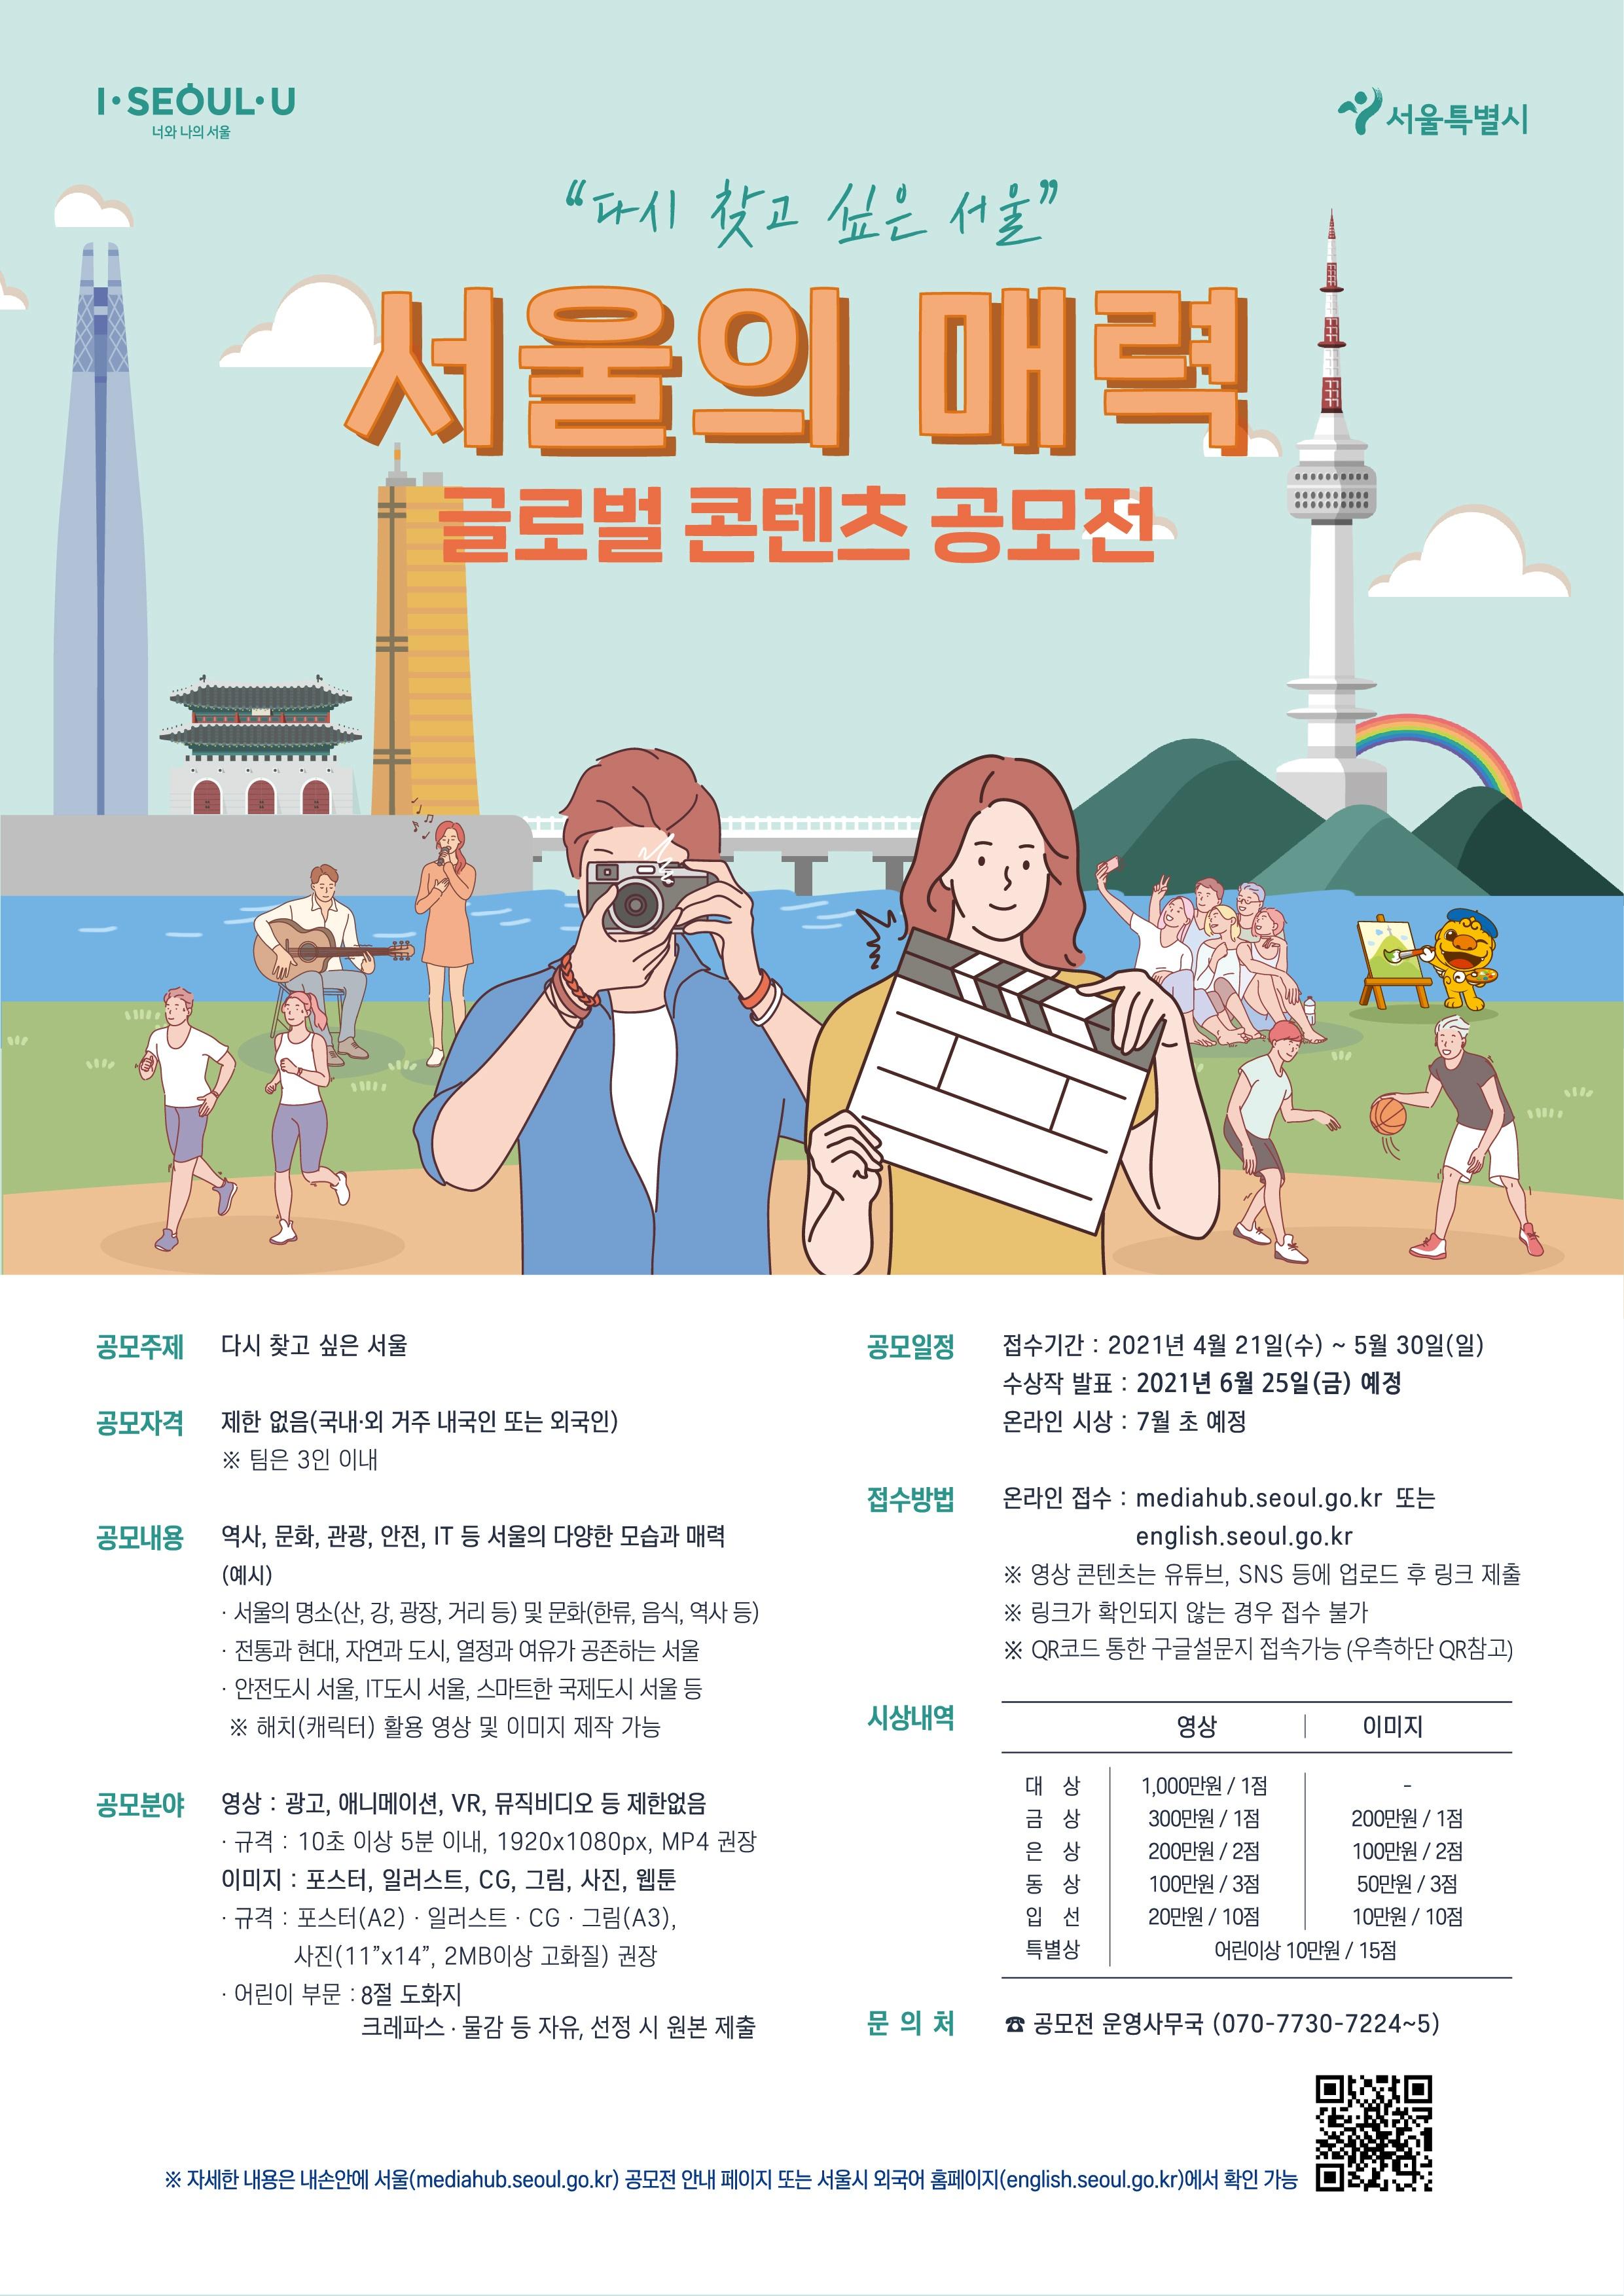 2. 서울의 매력 글로벌 콘텐츠 공모전 포스터(국문)